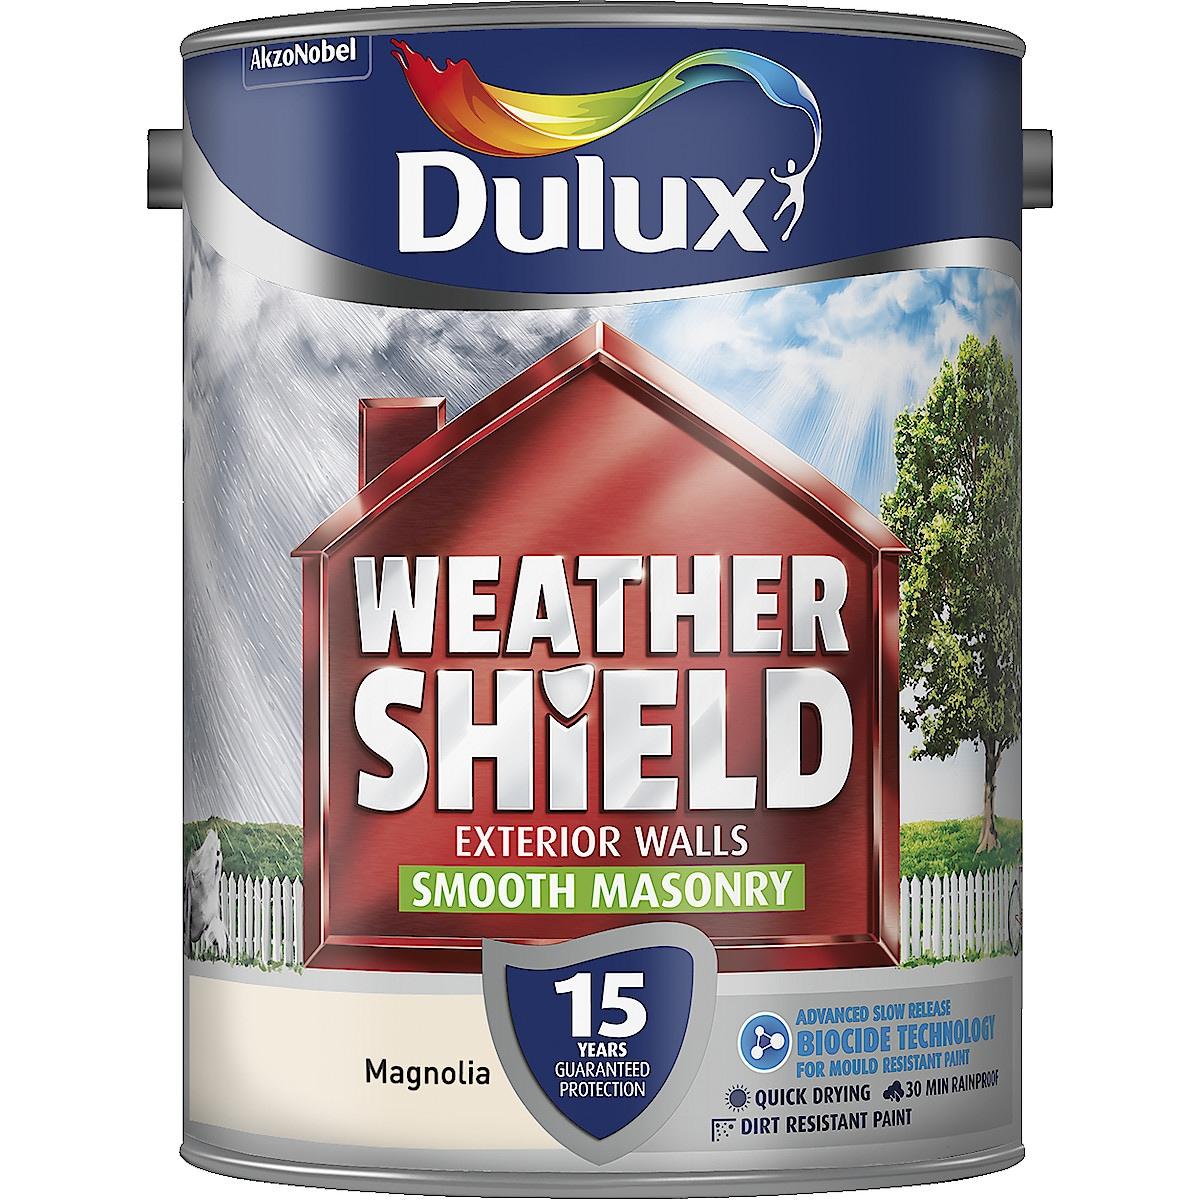 Dulux Weathershield Smooth Masonry Paint 5 L